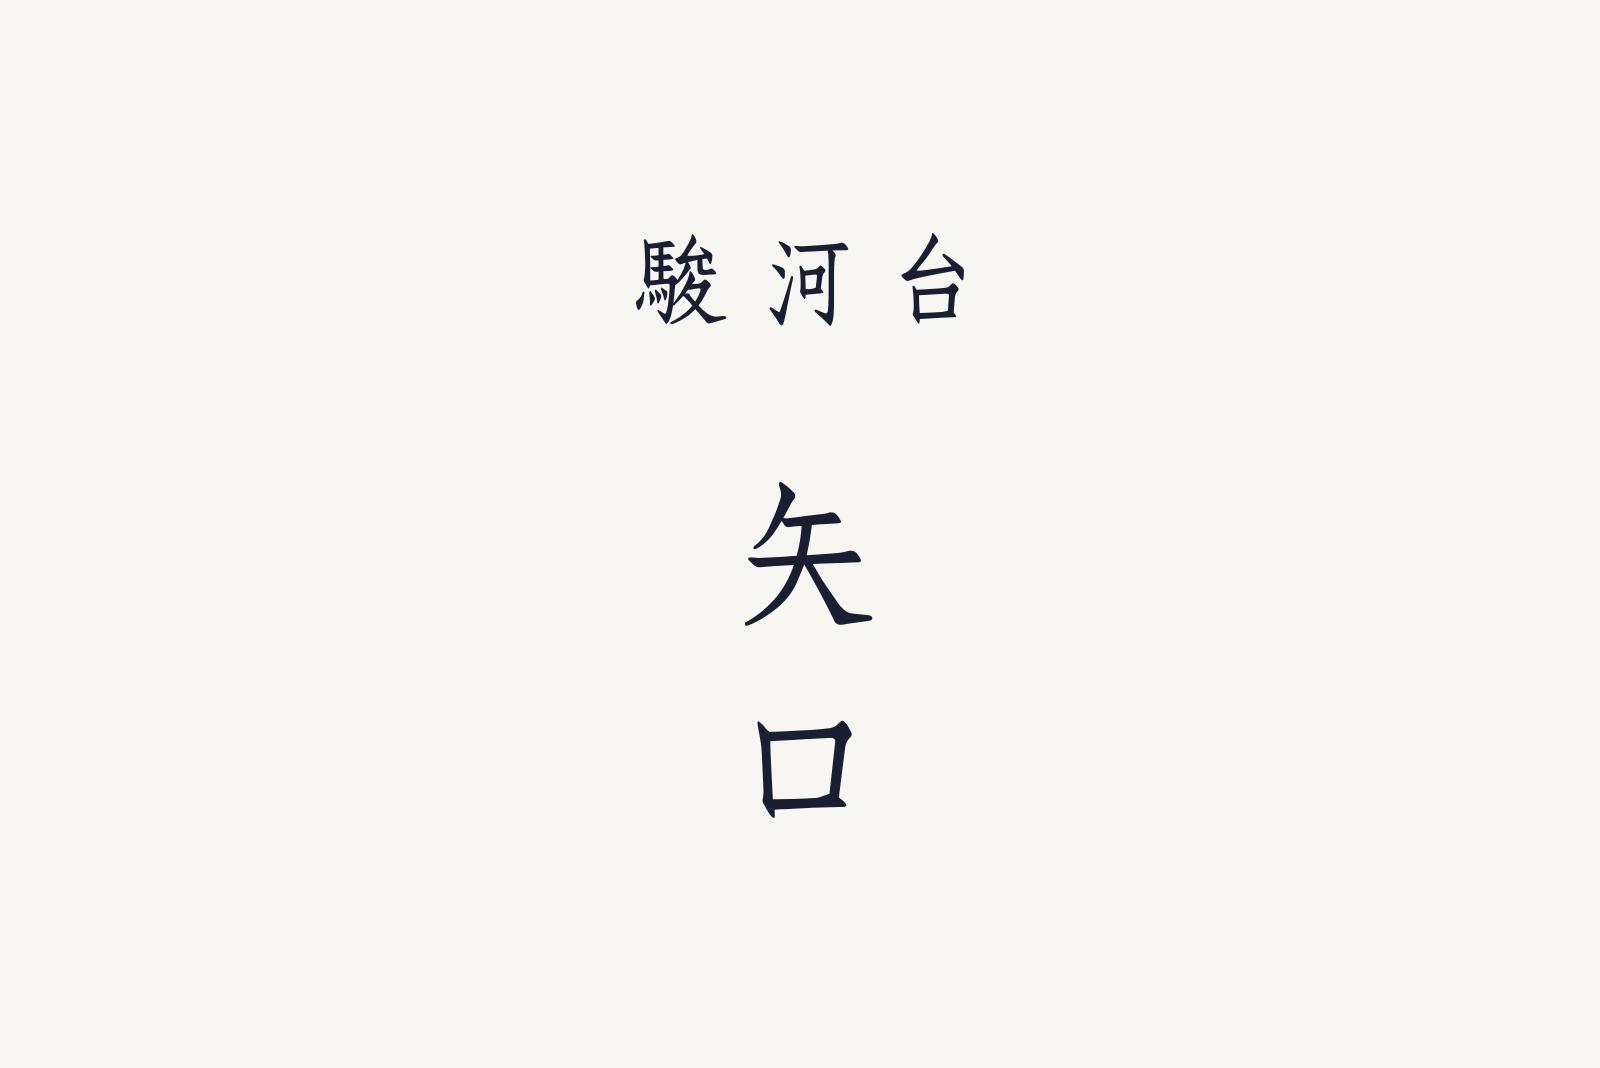 Com 矢口